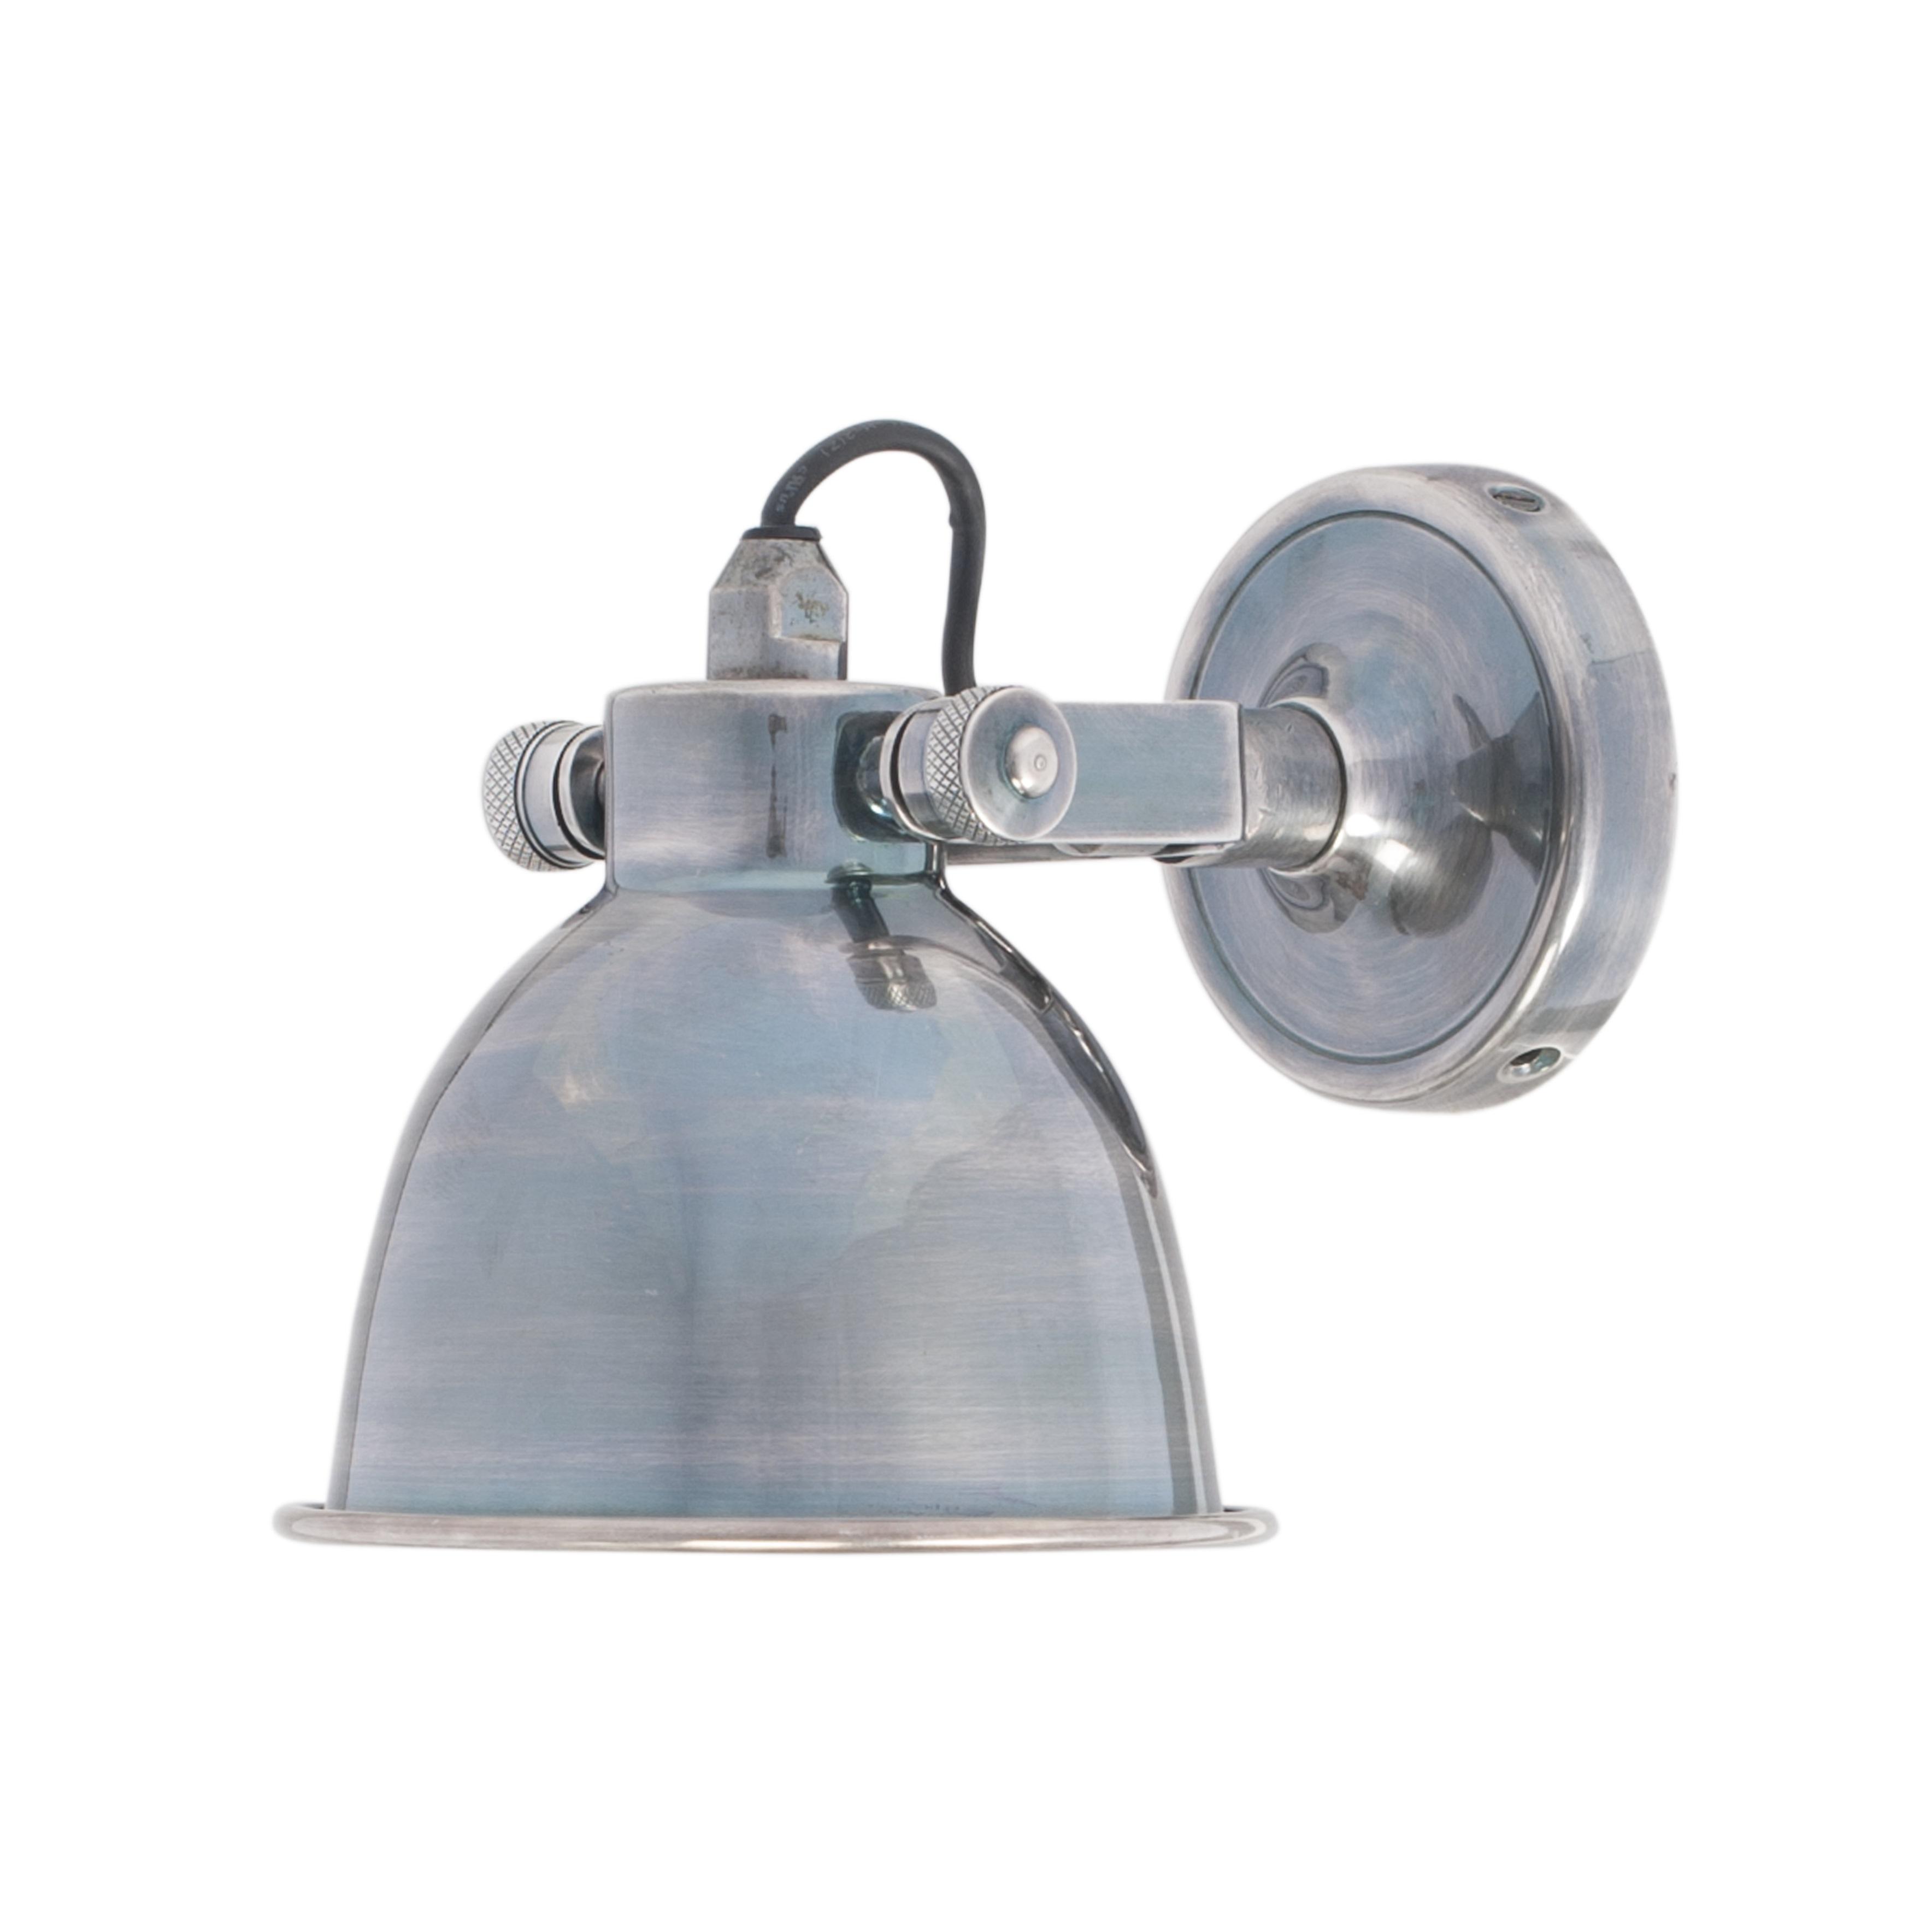 Badkamerlampen online kopen bij Stoerelampen.nl